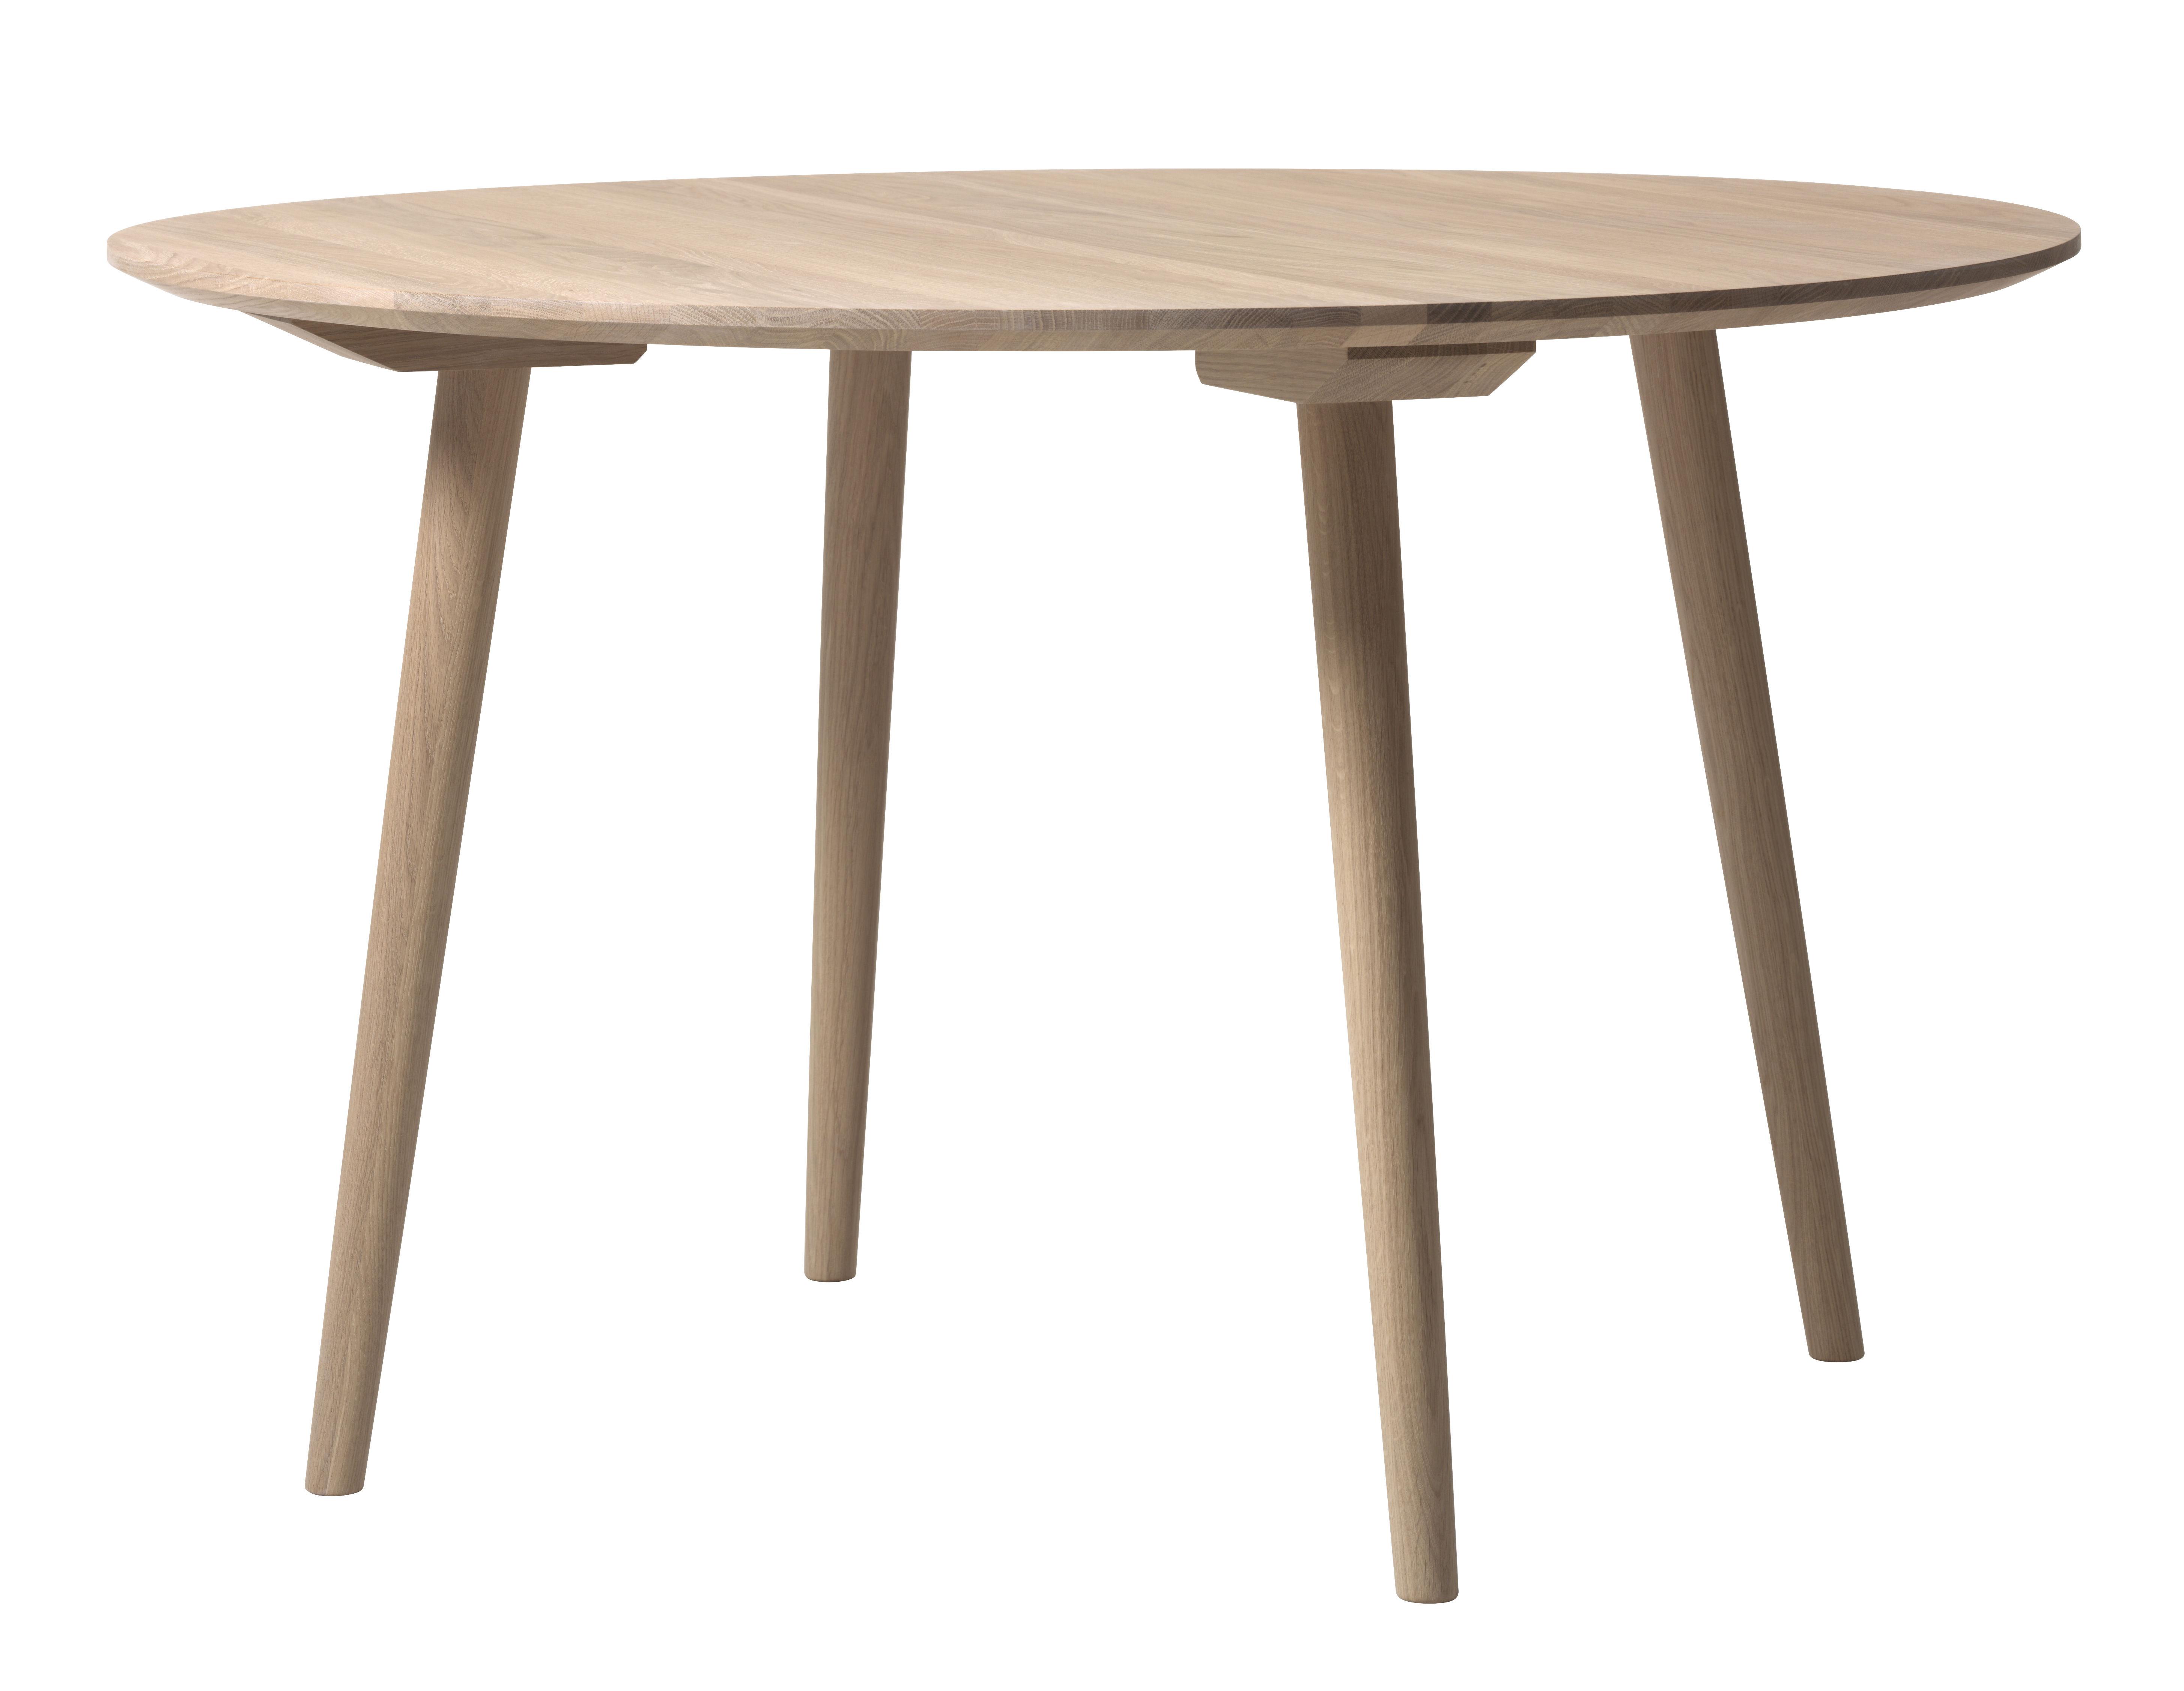 Arredamento - Tavoli - Tavolo rotondo In Between - / Ø 120 cm - Rovere di &tradition - Rovere sbiancato - Chêne huilé blanchi